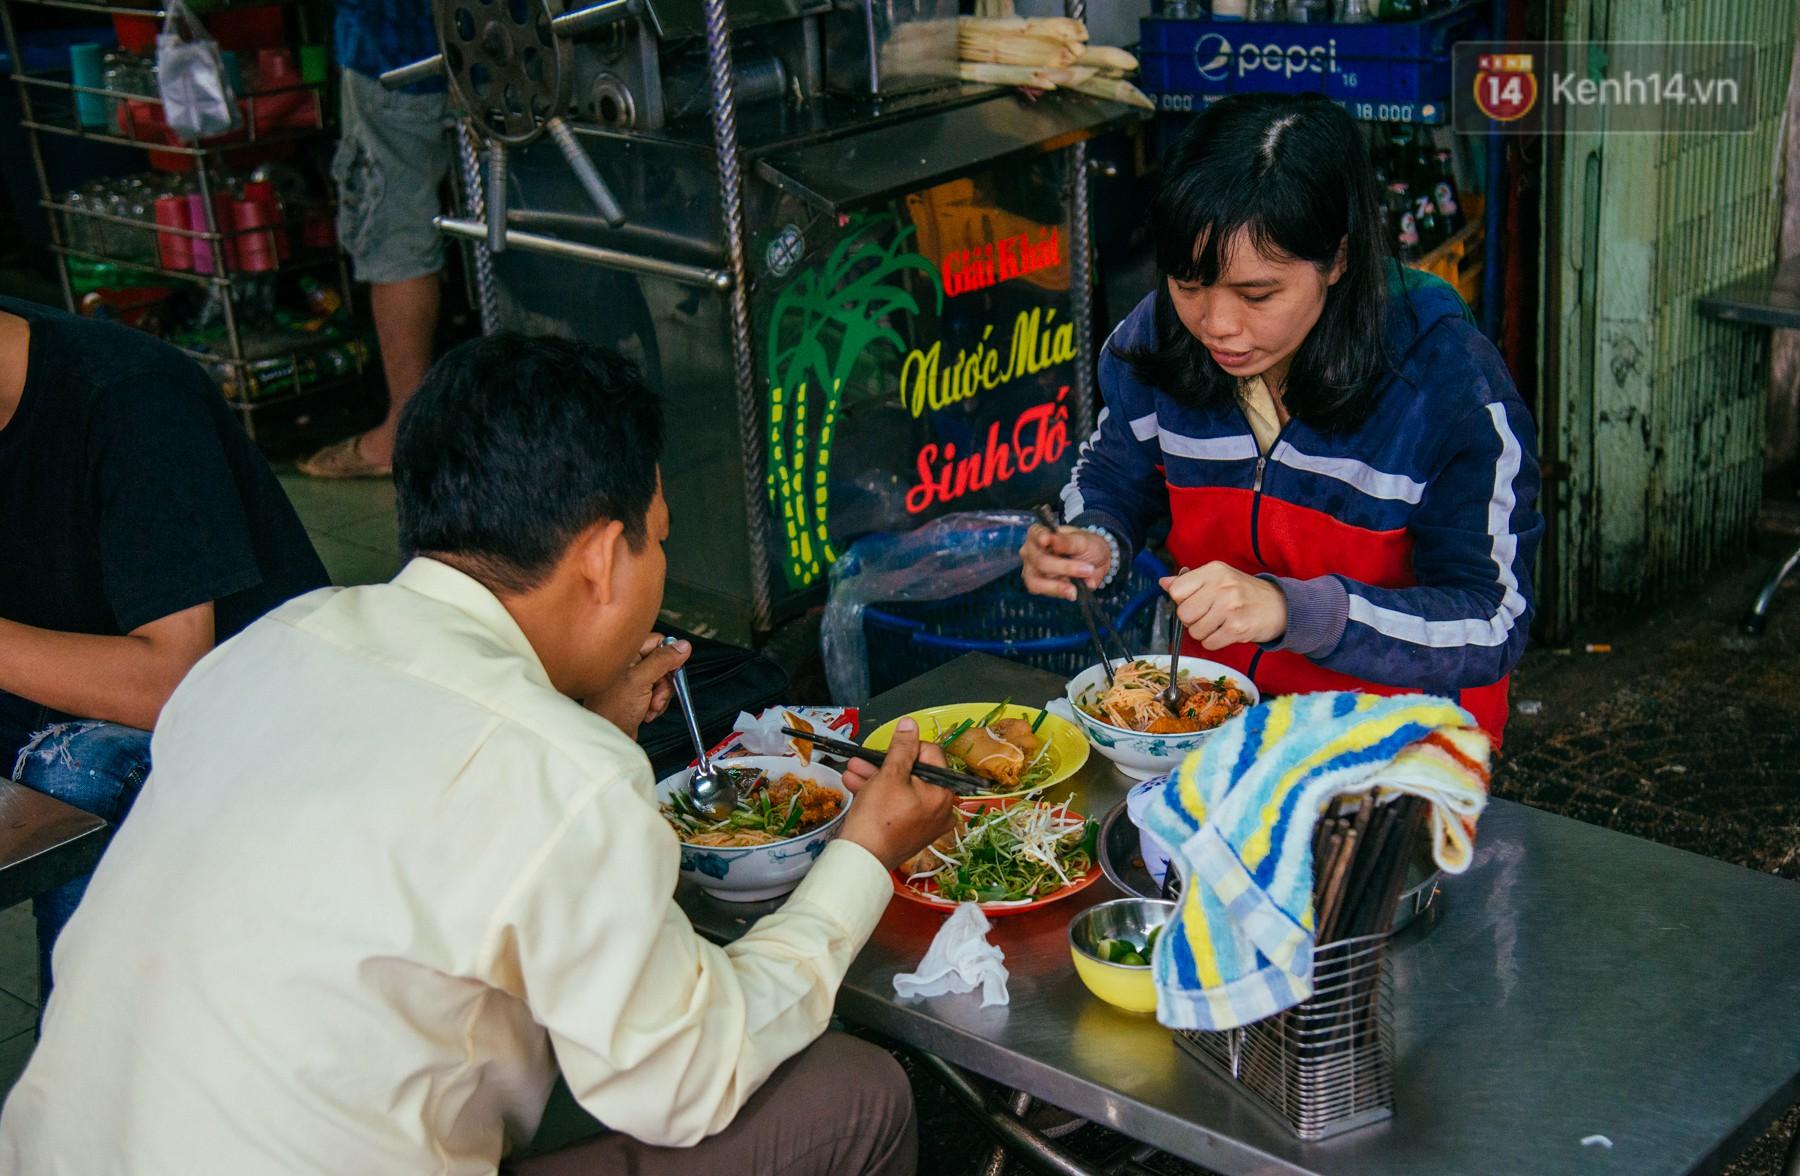 Quán bún riêu 30 năm tuổi ở vỉa hè Sài Gòn có gì hấp dẫn mà Trường Giang trở thành khách quen lâu năm? - Ảnh 3.